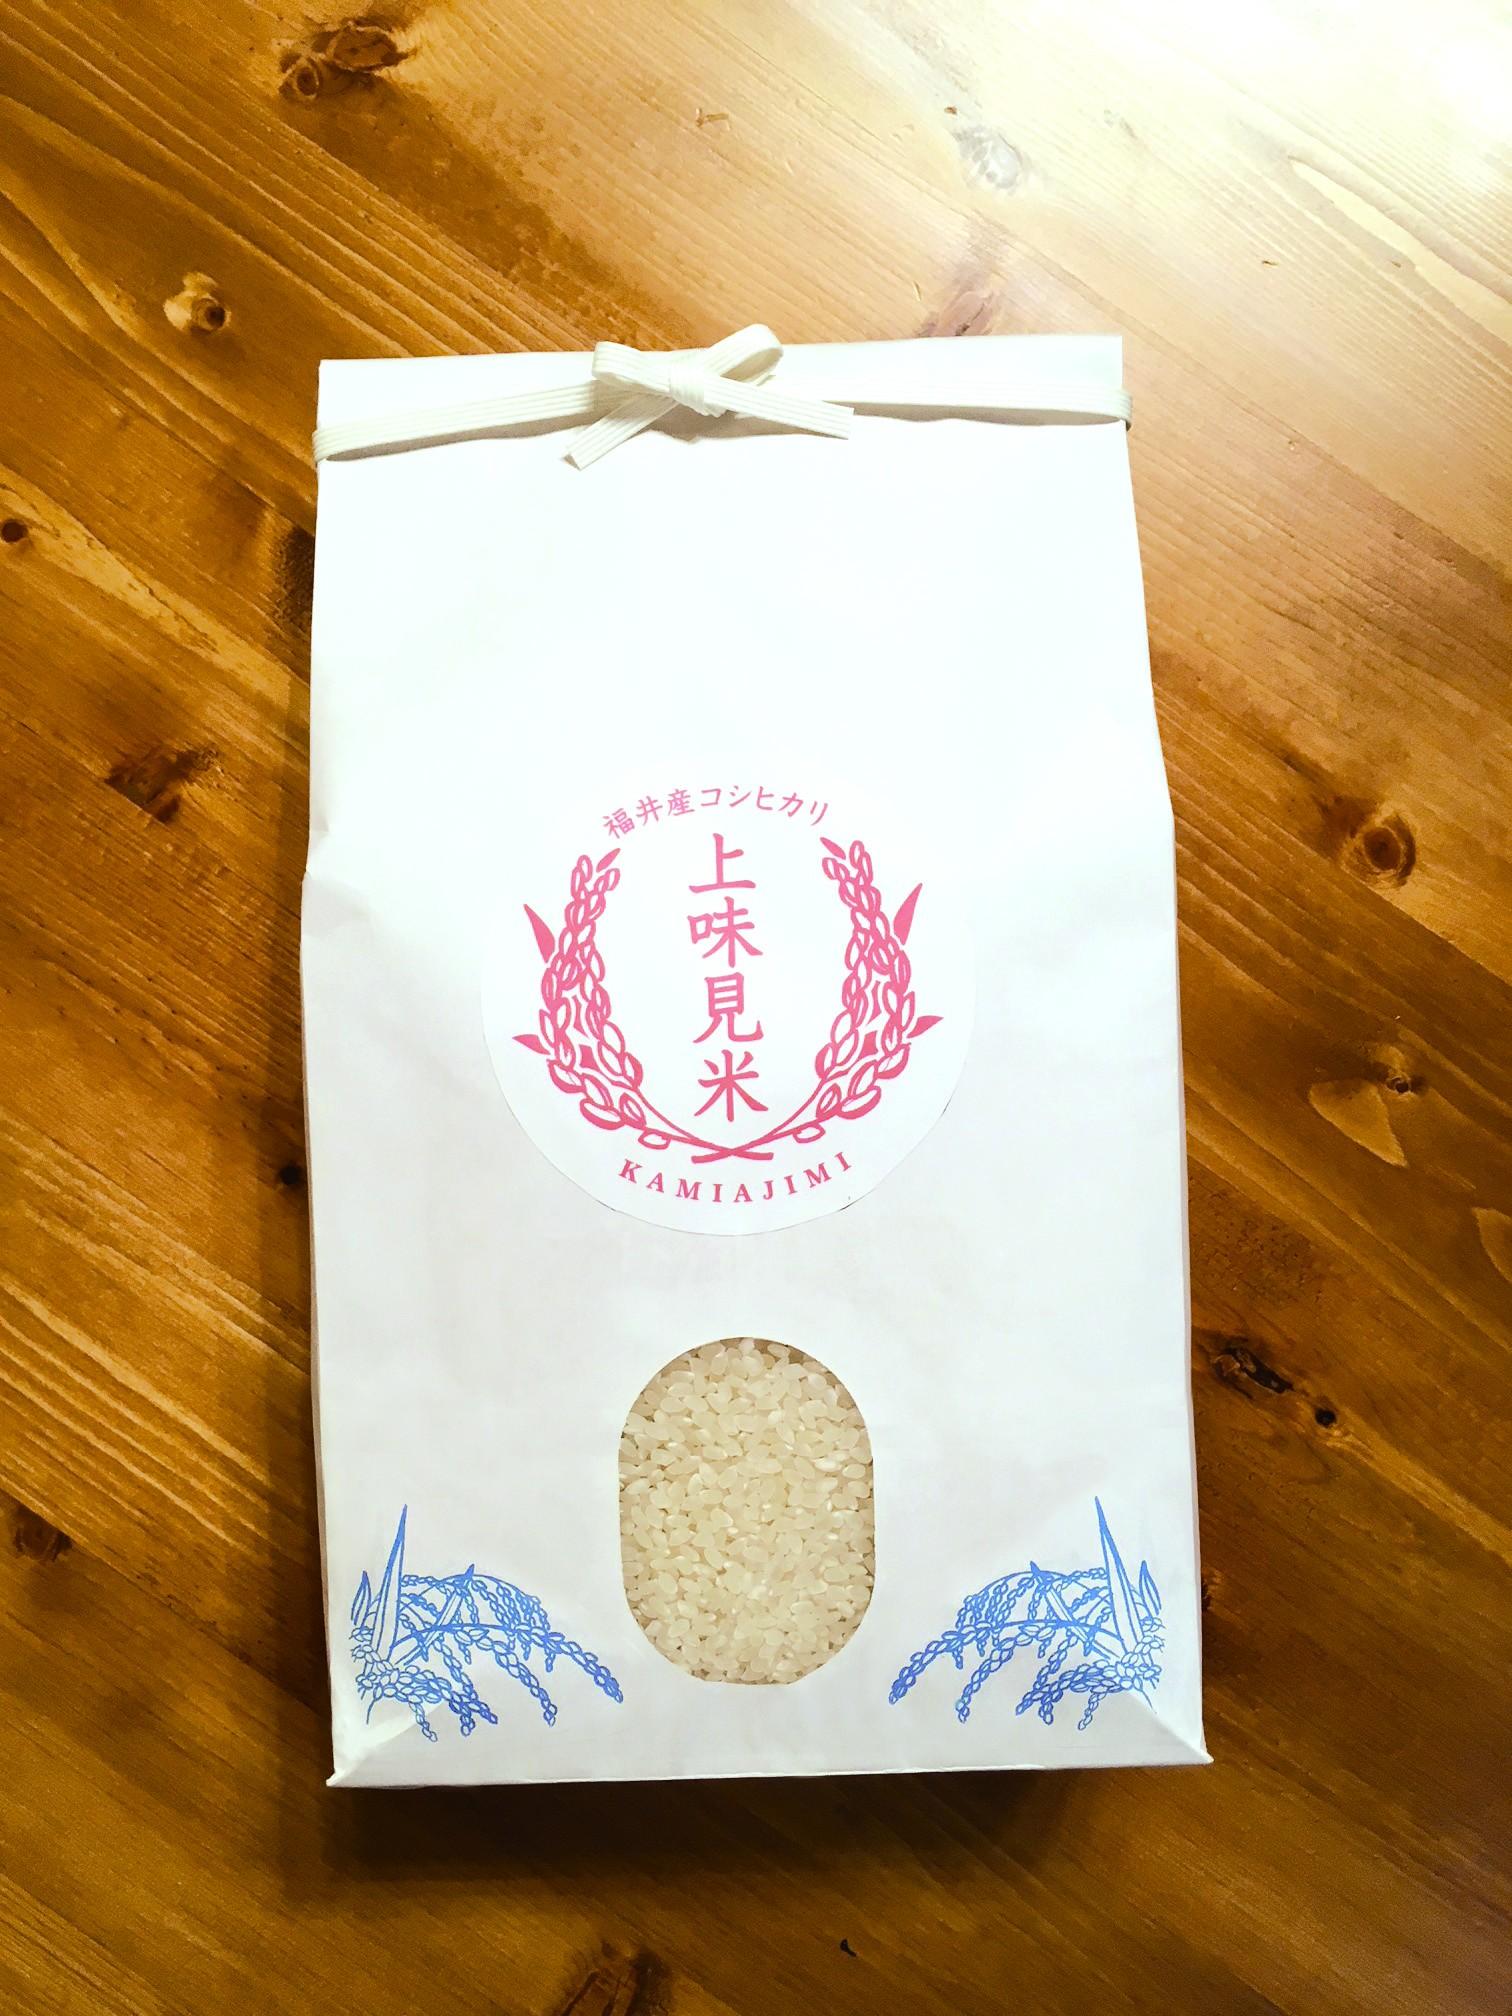 【オリジナルの米袋が完成★】新たな試みにドキドキ♪ハラハラ!